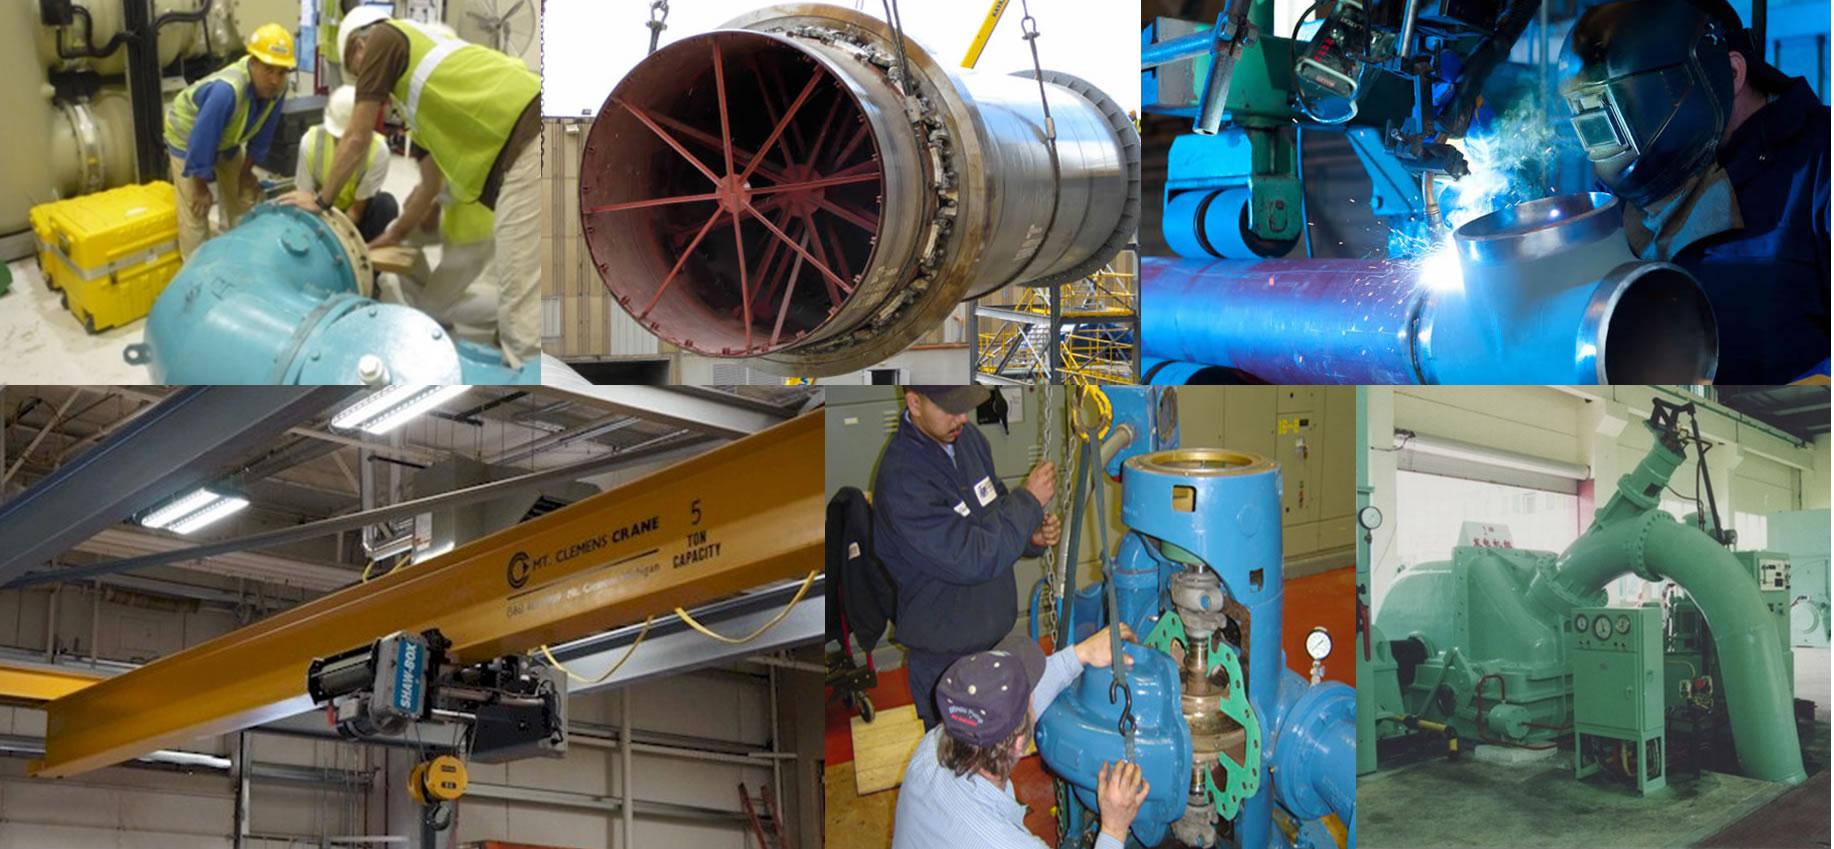 Instalación de equipos y sistemas de generación hidroeléctrica